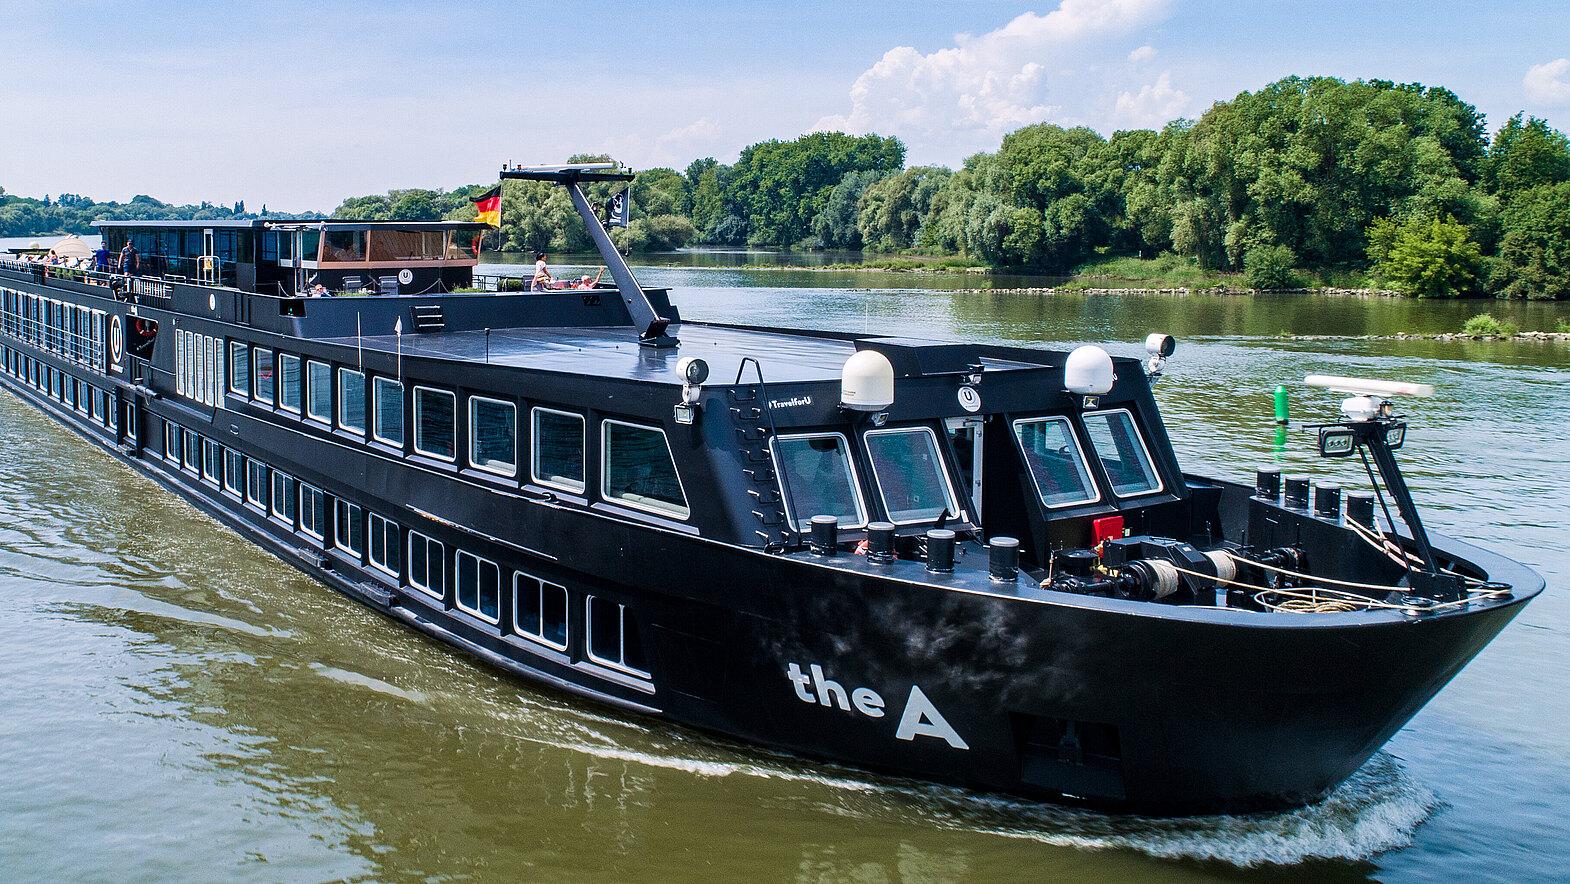 Uniworld bietet für die Saison 2021 Flusskreuzfahrten nach Italien, Portugal und Frankreich sowie auf der Donau an.